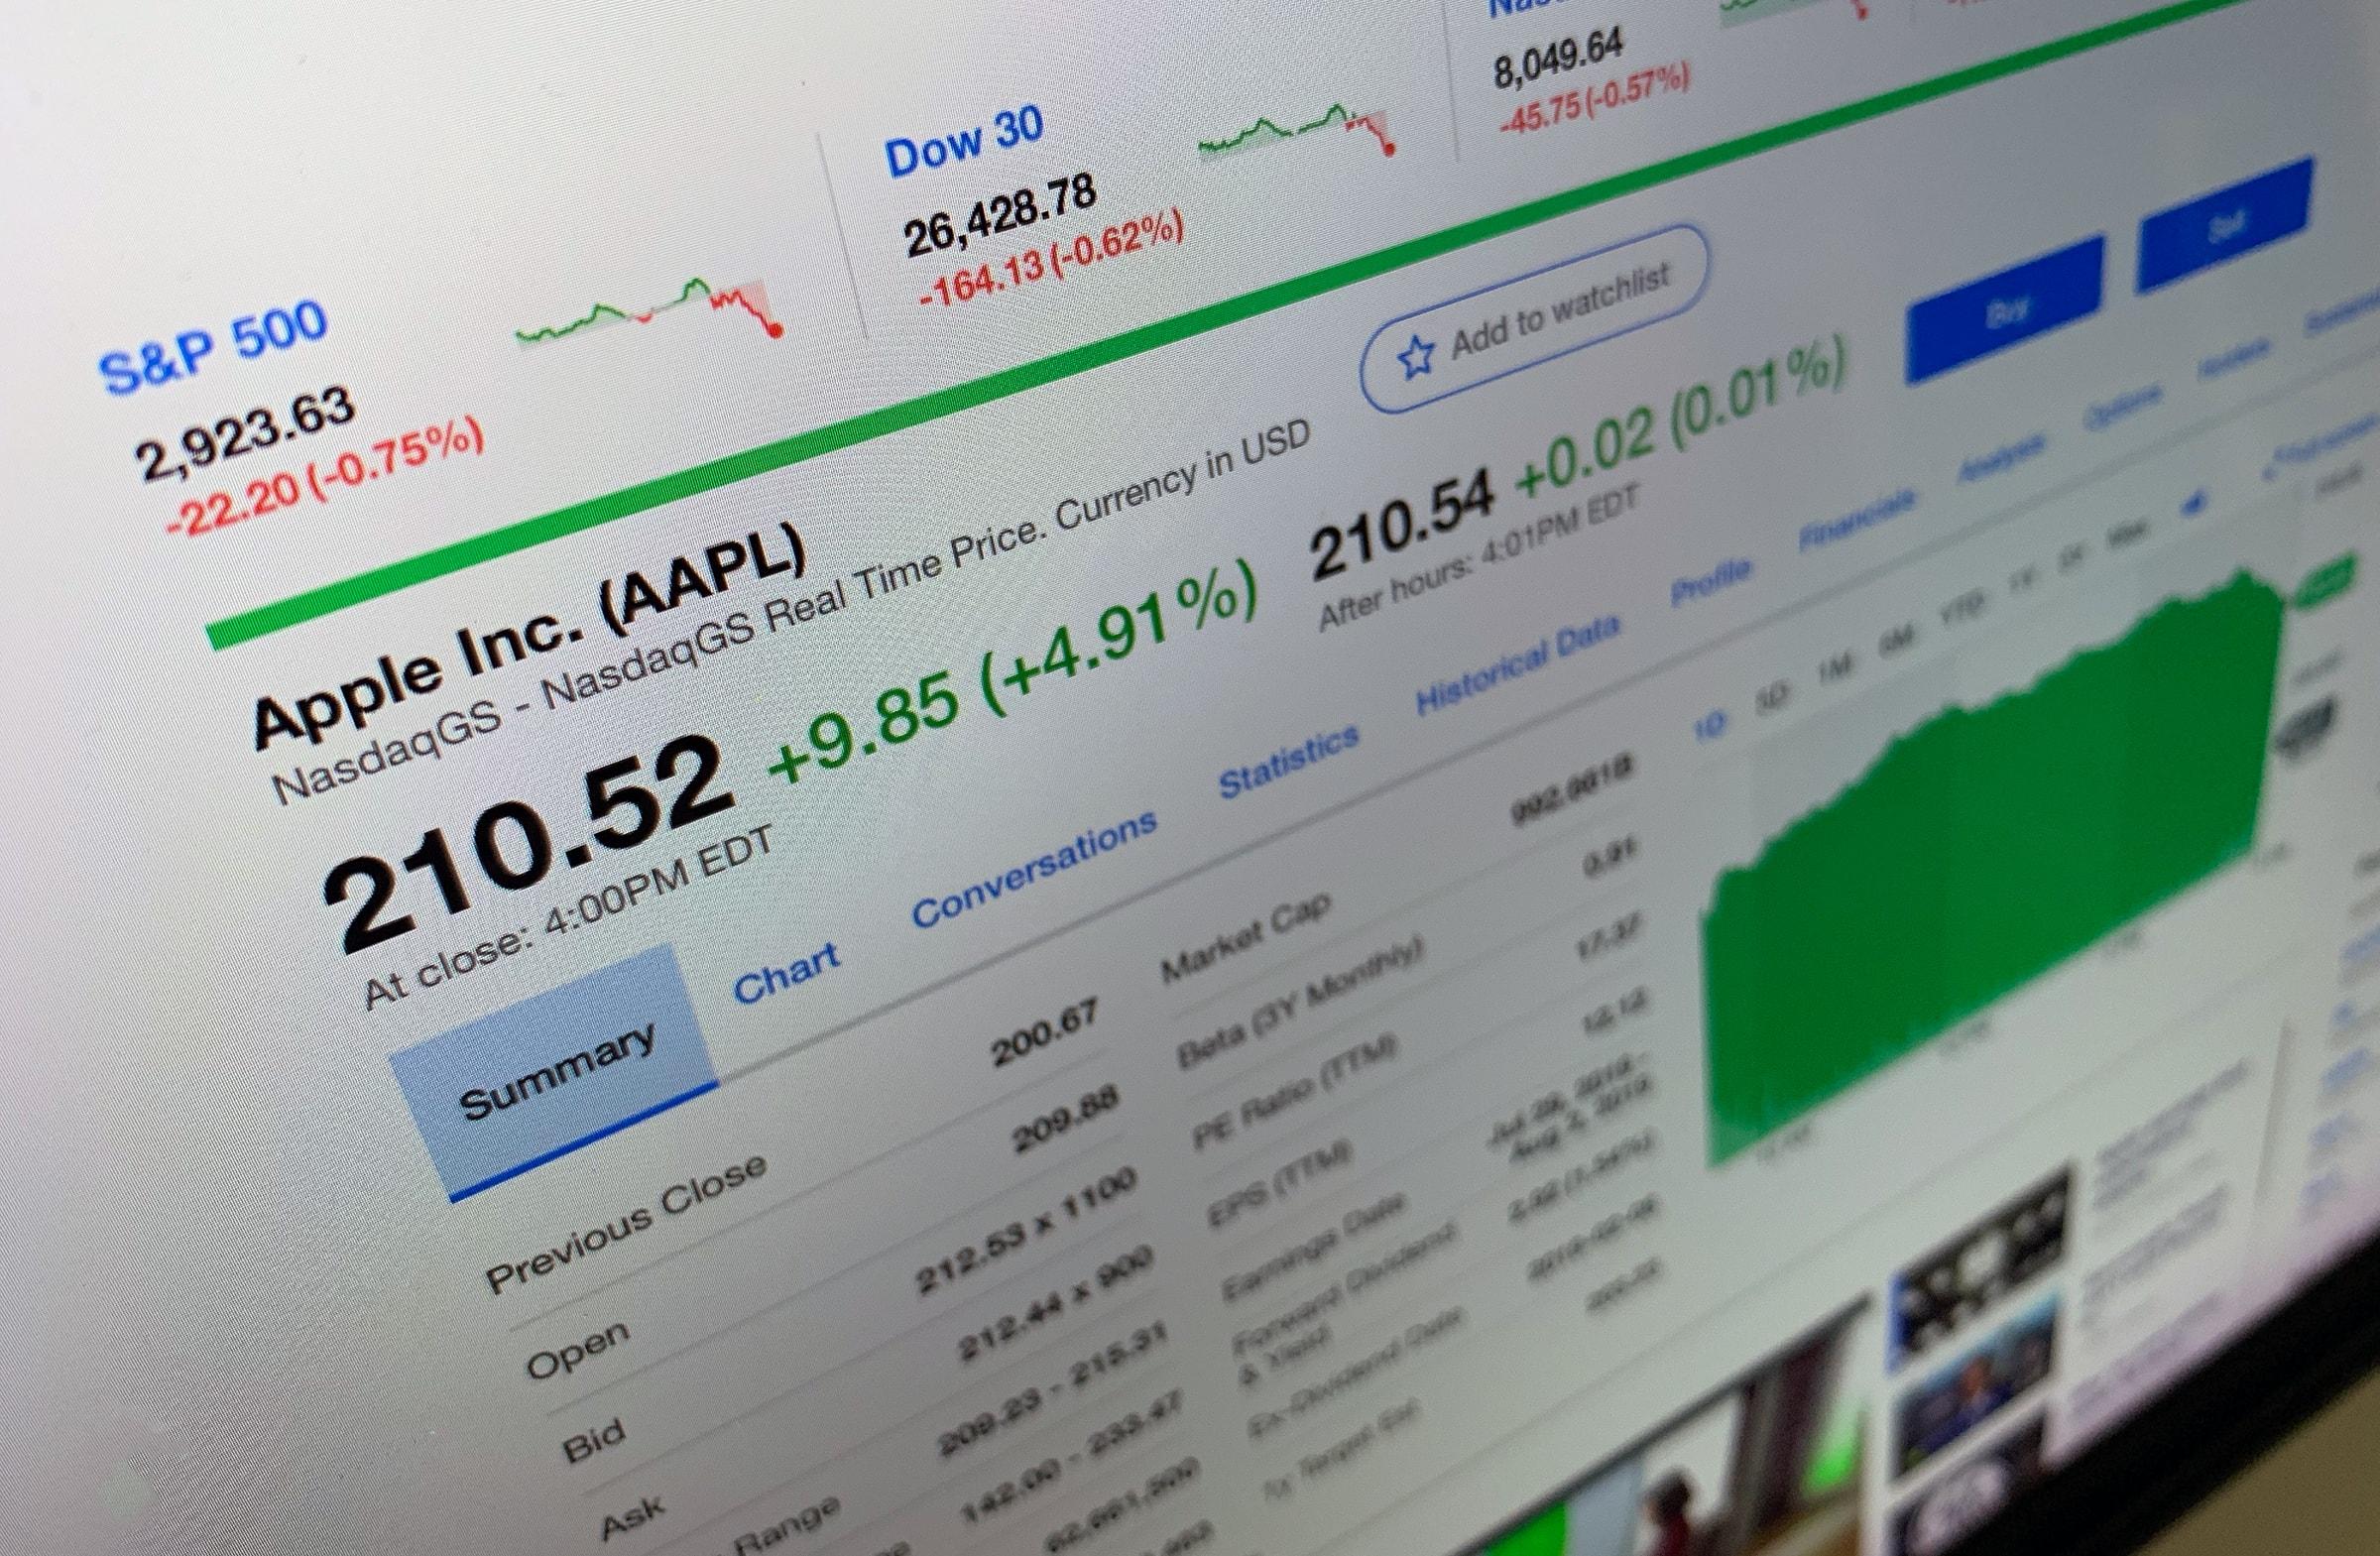 Apple tulistas NASDAQ-is 4,91% ja veetis suurema osa päevast üle 1 triljoni dollari [atualizado]